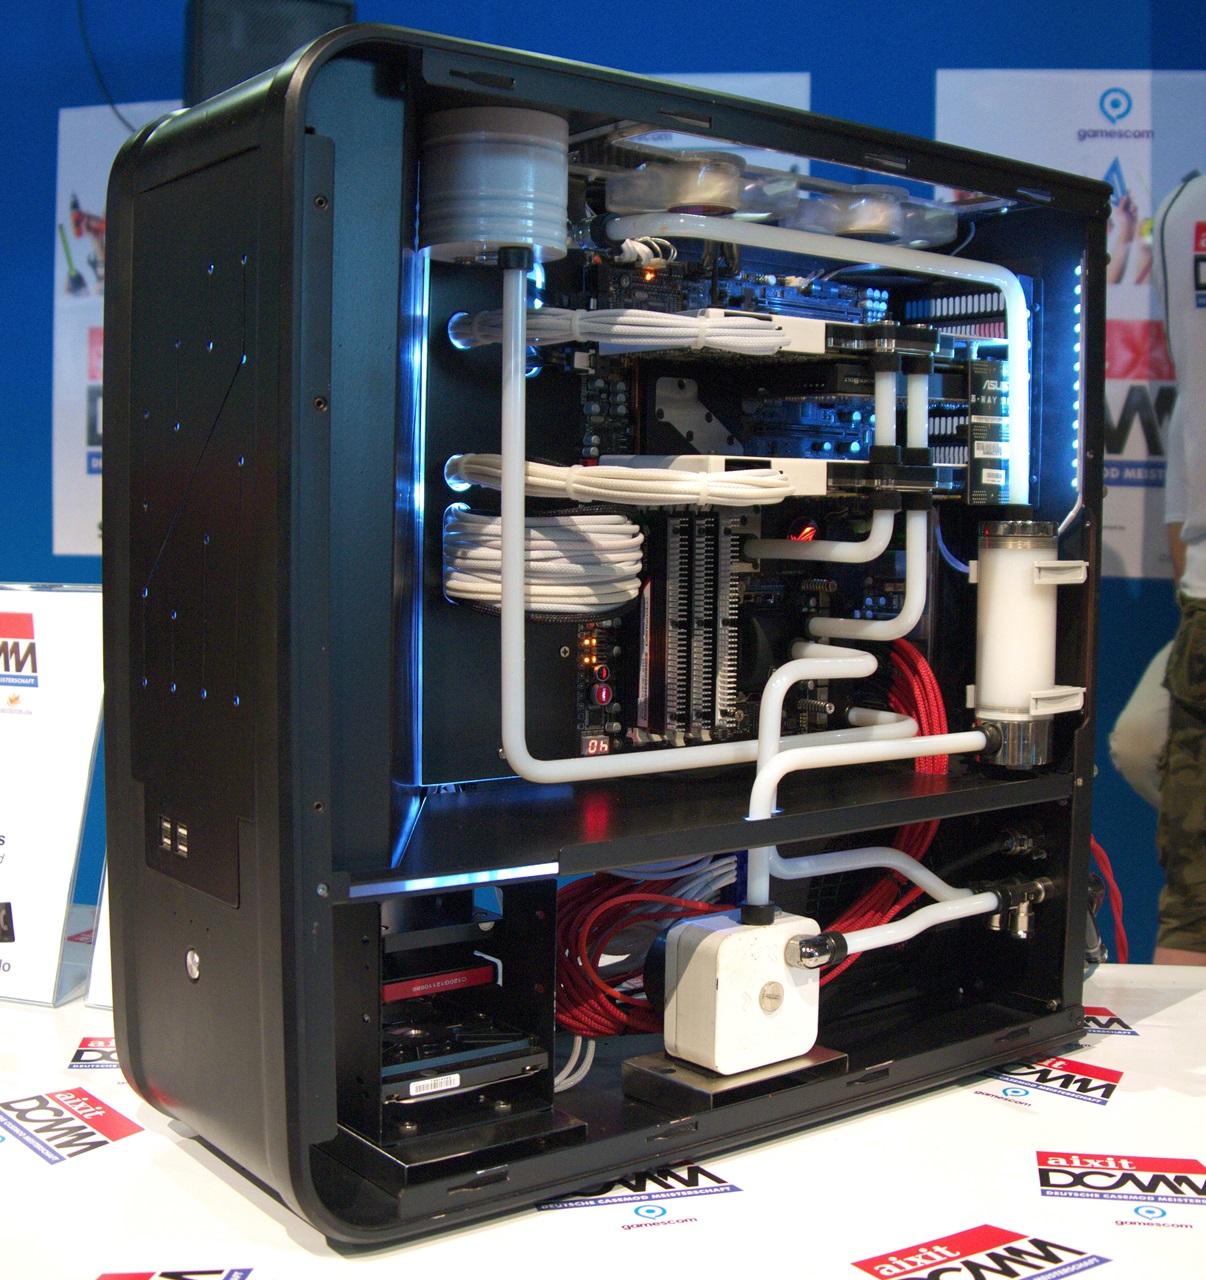 """DCMM 2014: Wenn PC-Gehäuse zu Kunstwerken werden - """"TJ-07 Mod"""" von Kerekes Janos (Bild: Sebastian Wochnik/Golem.de)"""